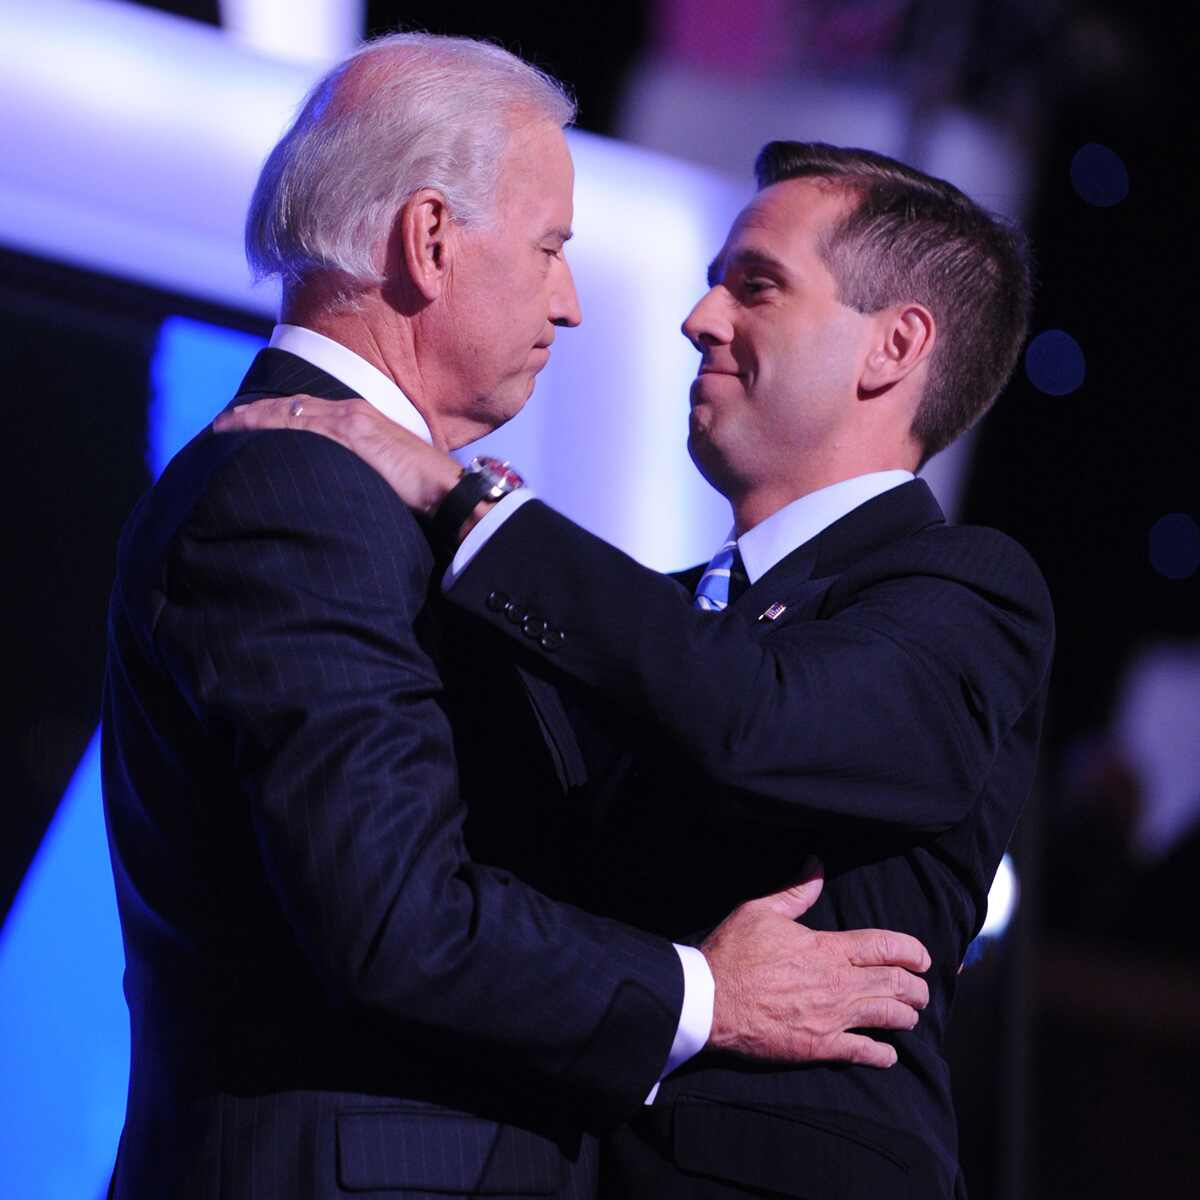 Joe Biden, Beau Biden